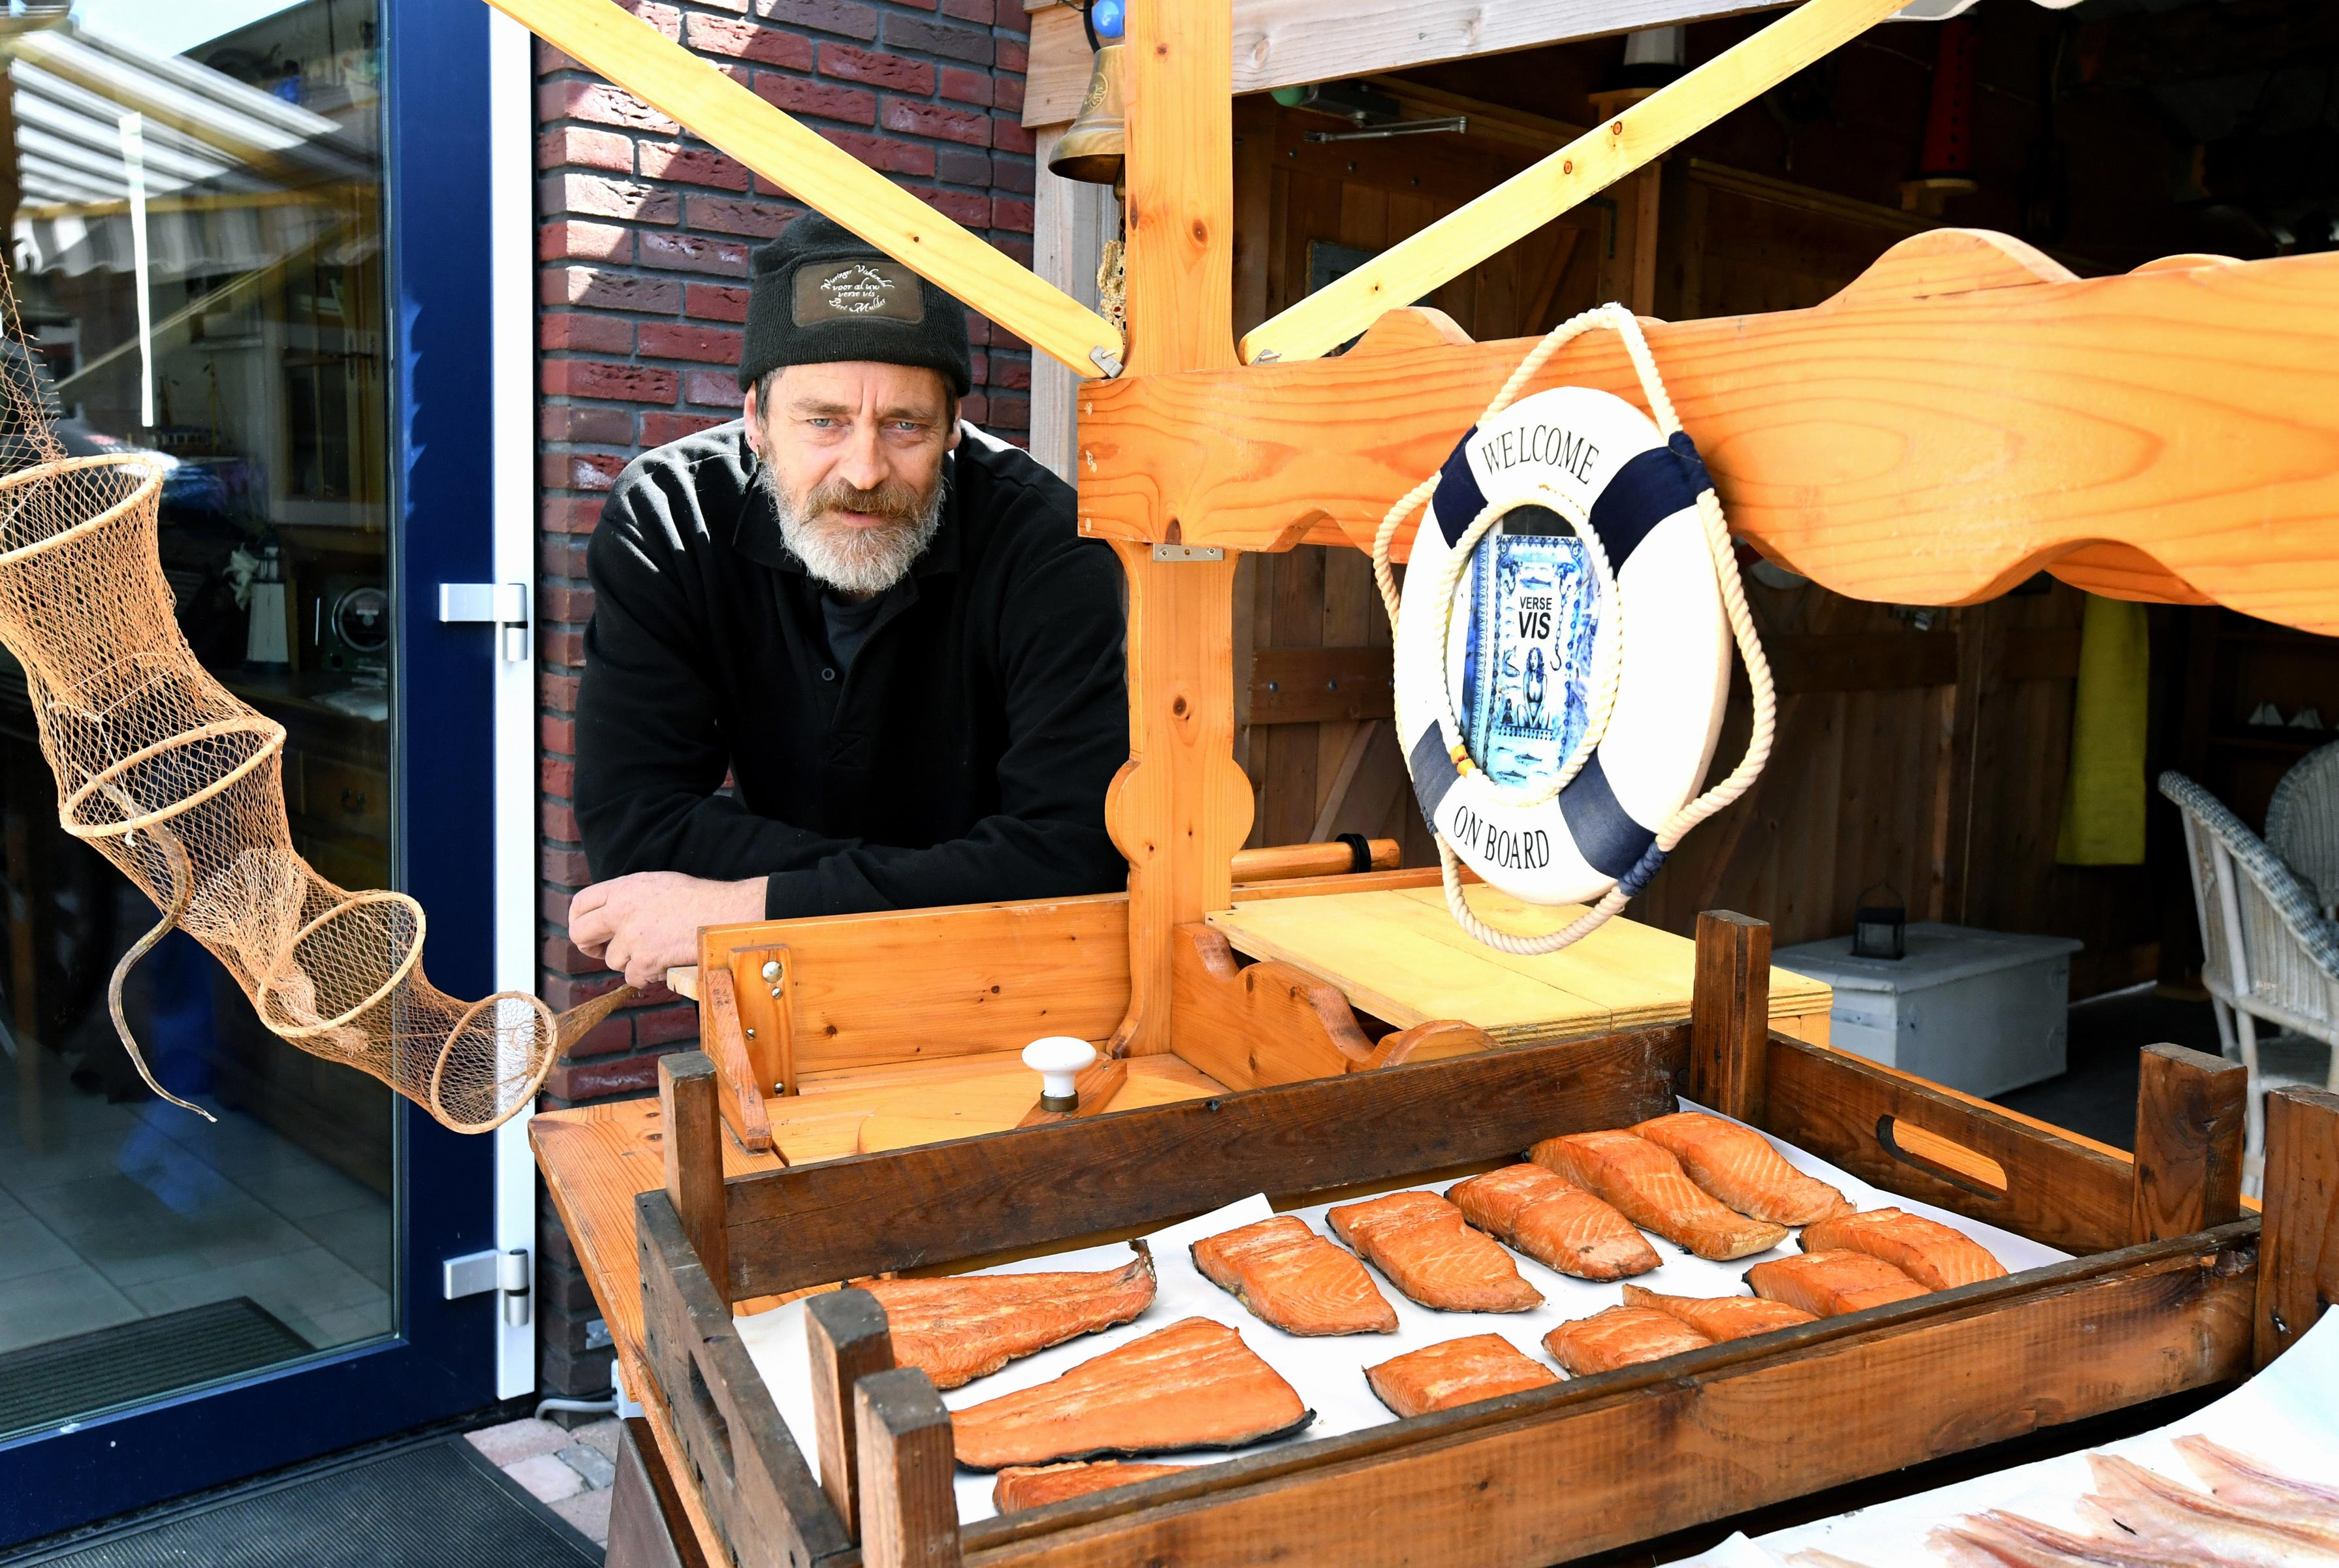 'Je begint met een visje voor de buurvrouw en voor je het weet heb je het druk', Wieringer Vishandel heeft het drukker dan ooit